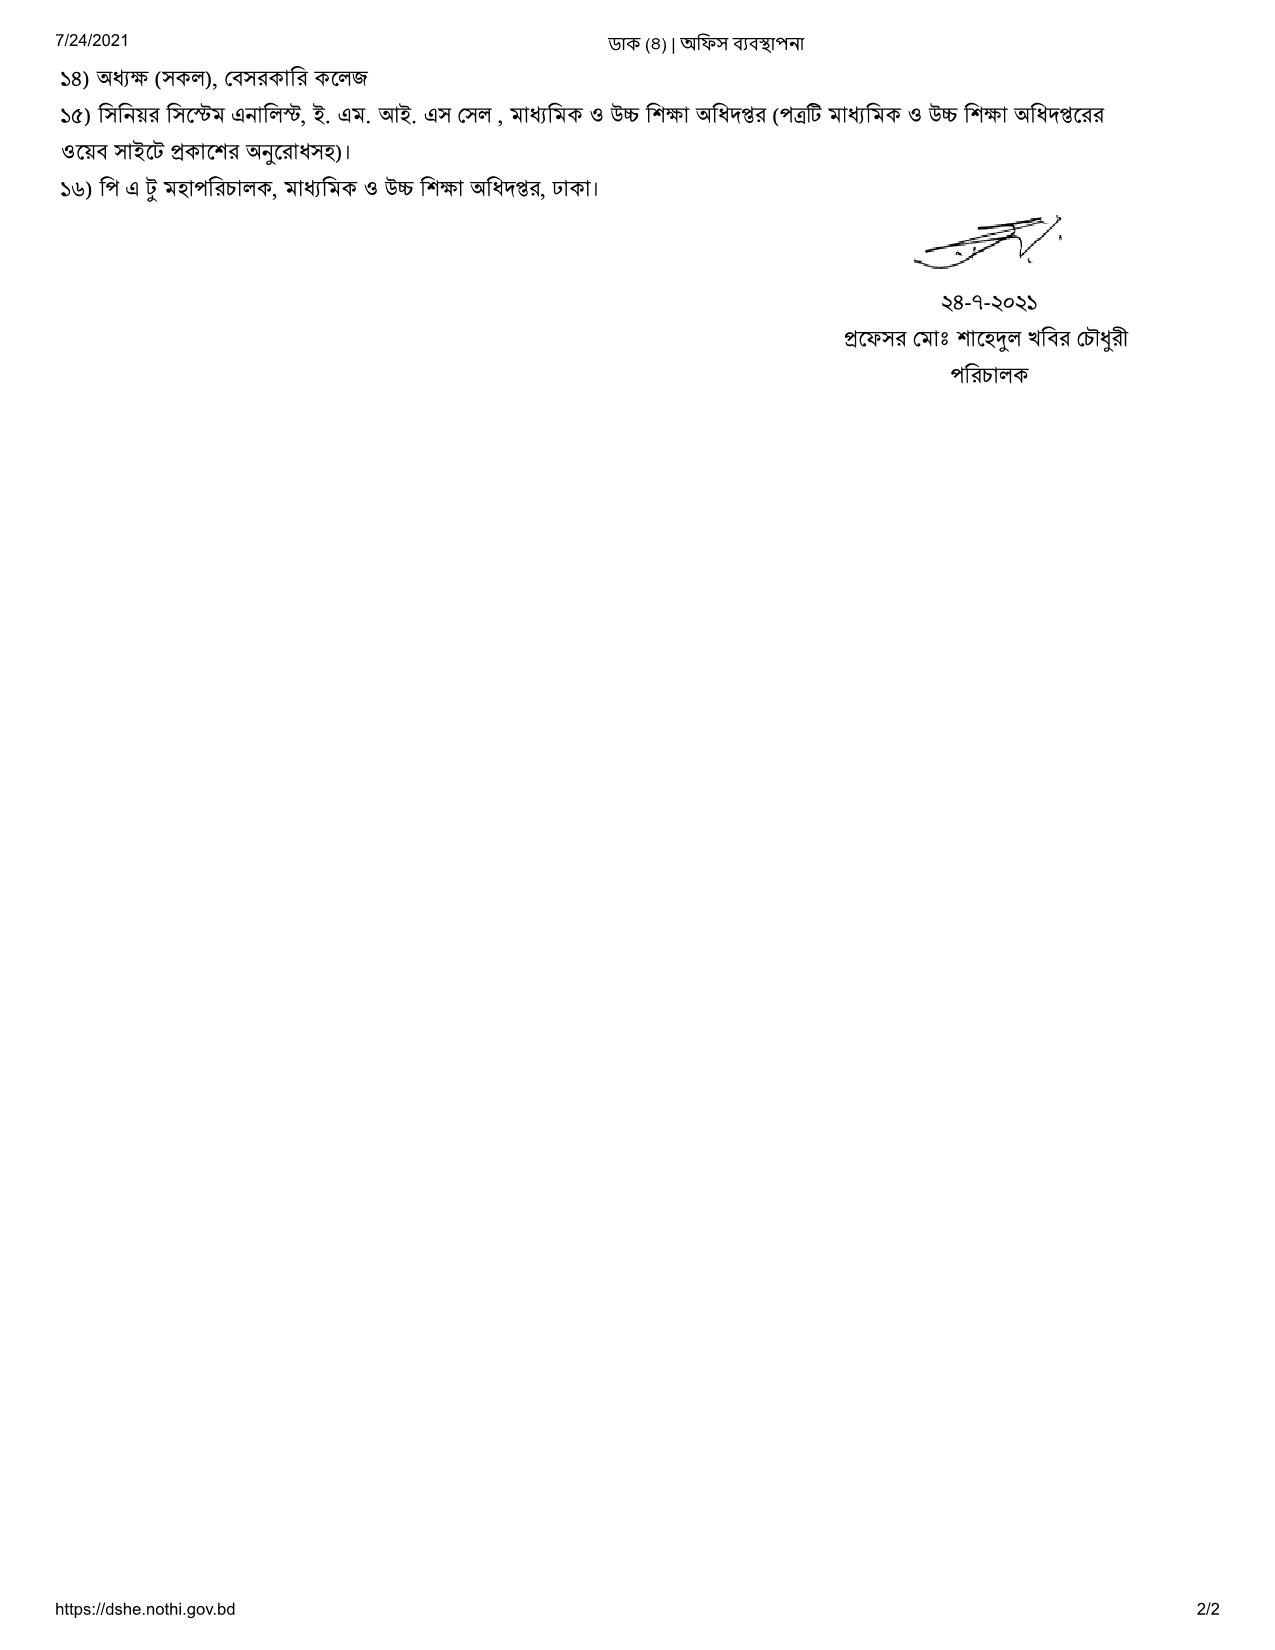 ২০২২ সালের এইচএসসি/ HSC পরীক্ষার্থীদের অ্যাসাইনমেন্ট আবারও স্থগিত https://www.banglanewsexpress.com/ ২০২২ সালের এইচএসসি পরীক্ষার্থীদের জন্য এনসিটিবি কর্তৃক প্রণীত অ্যাসাইনমেন্ট কার্যক্রম সাময়িক স্থগিতকরণ